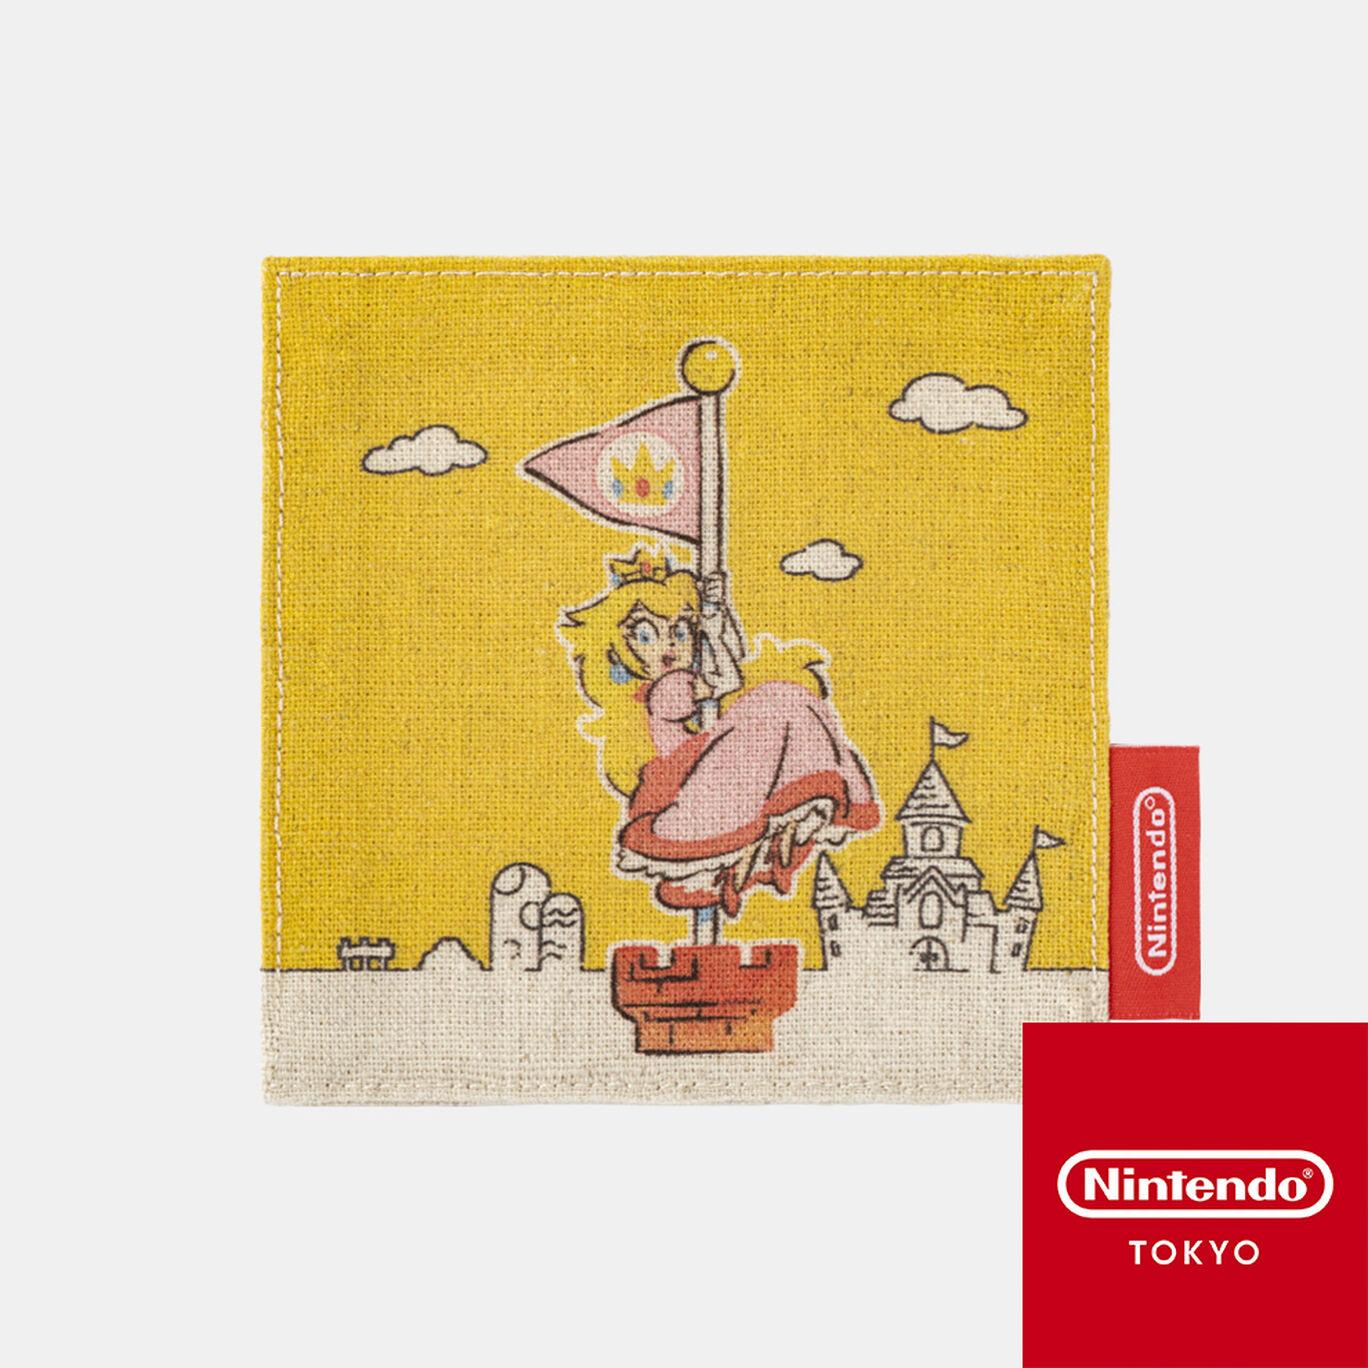 コースター スーパーマリオファミリーライフ ピーチ【Nintendo TOKYO取り扱い商品】